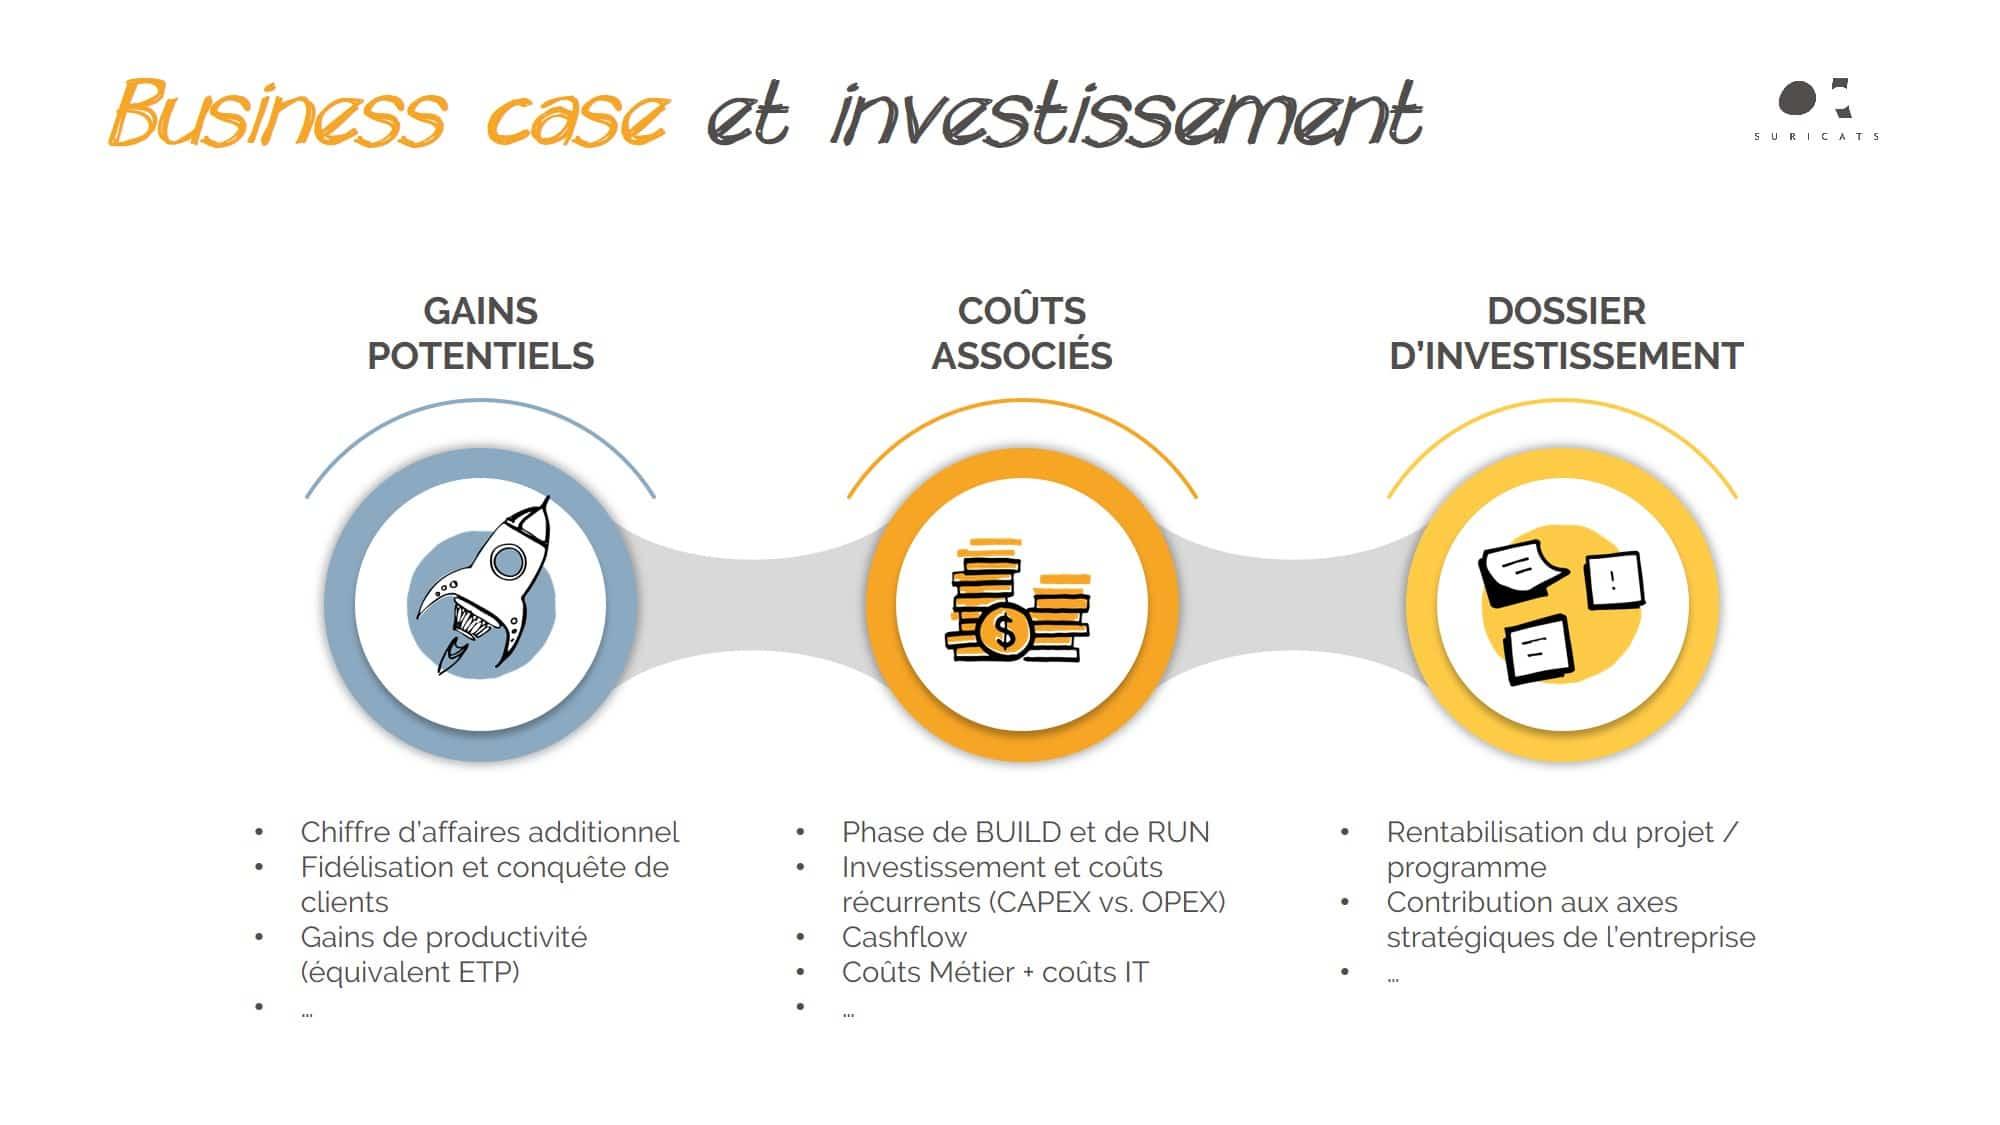 Business case by Suricats - stratégie digitale